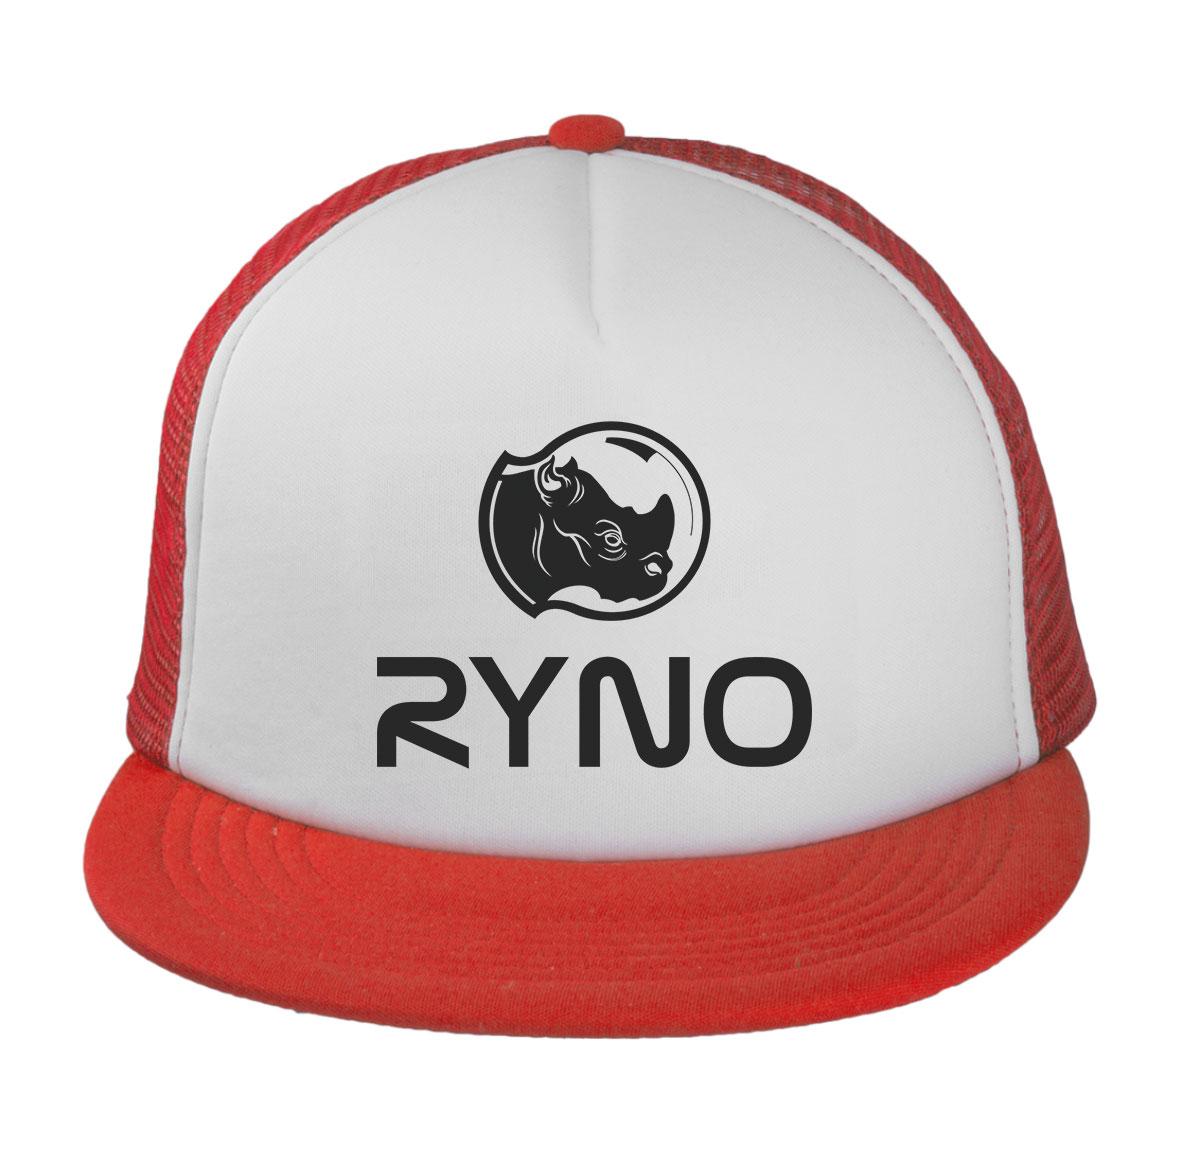 Mesh Baseball Cap (Red) | $15.00